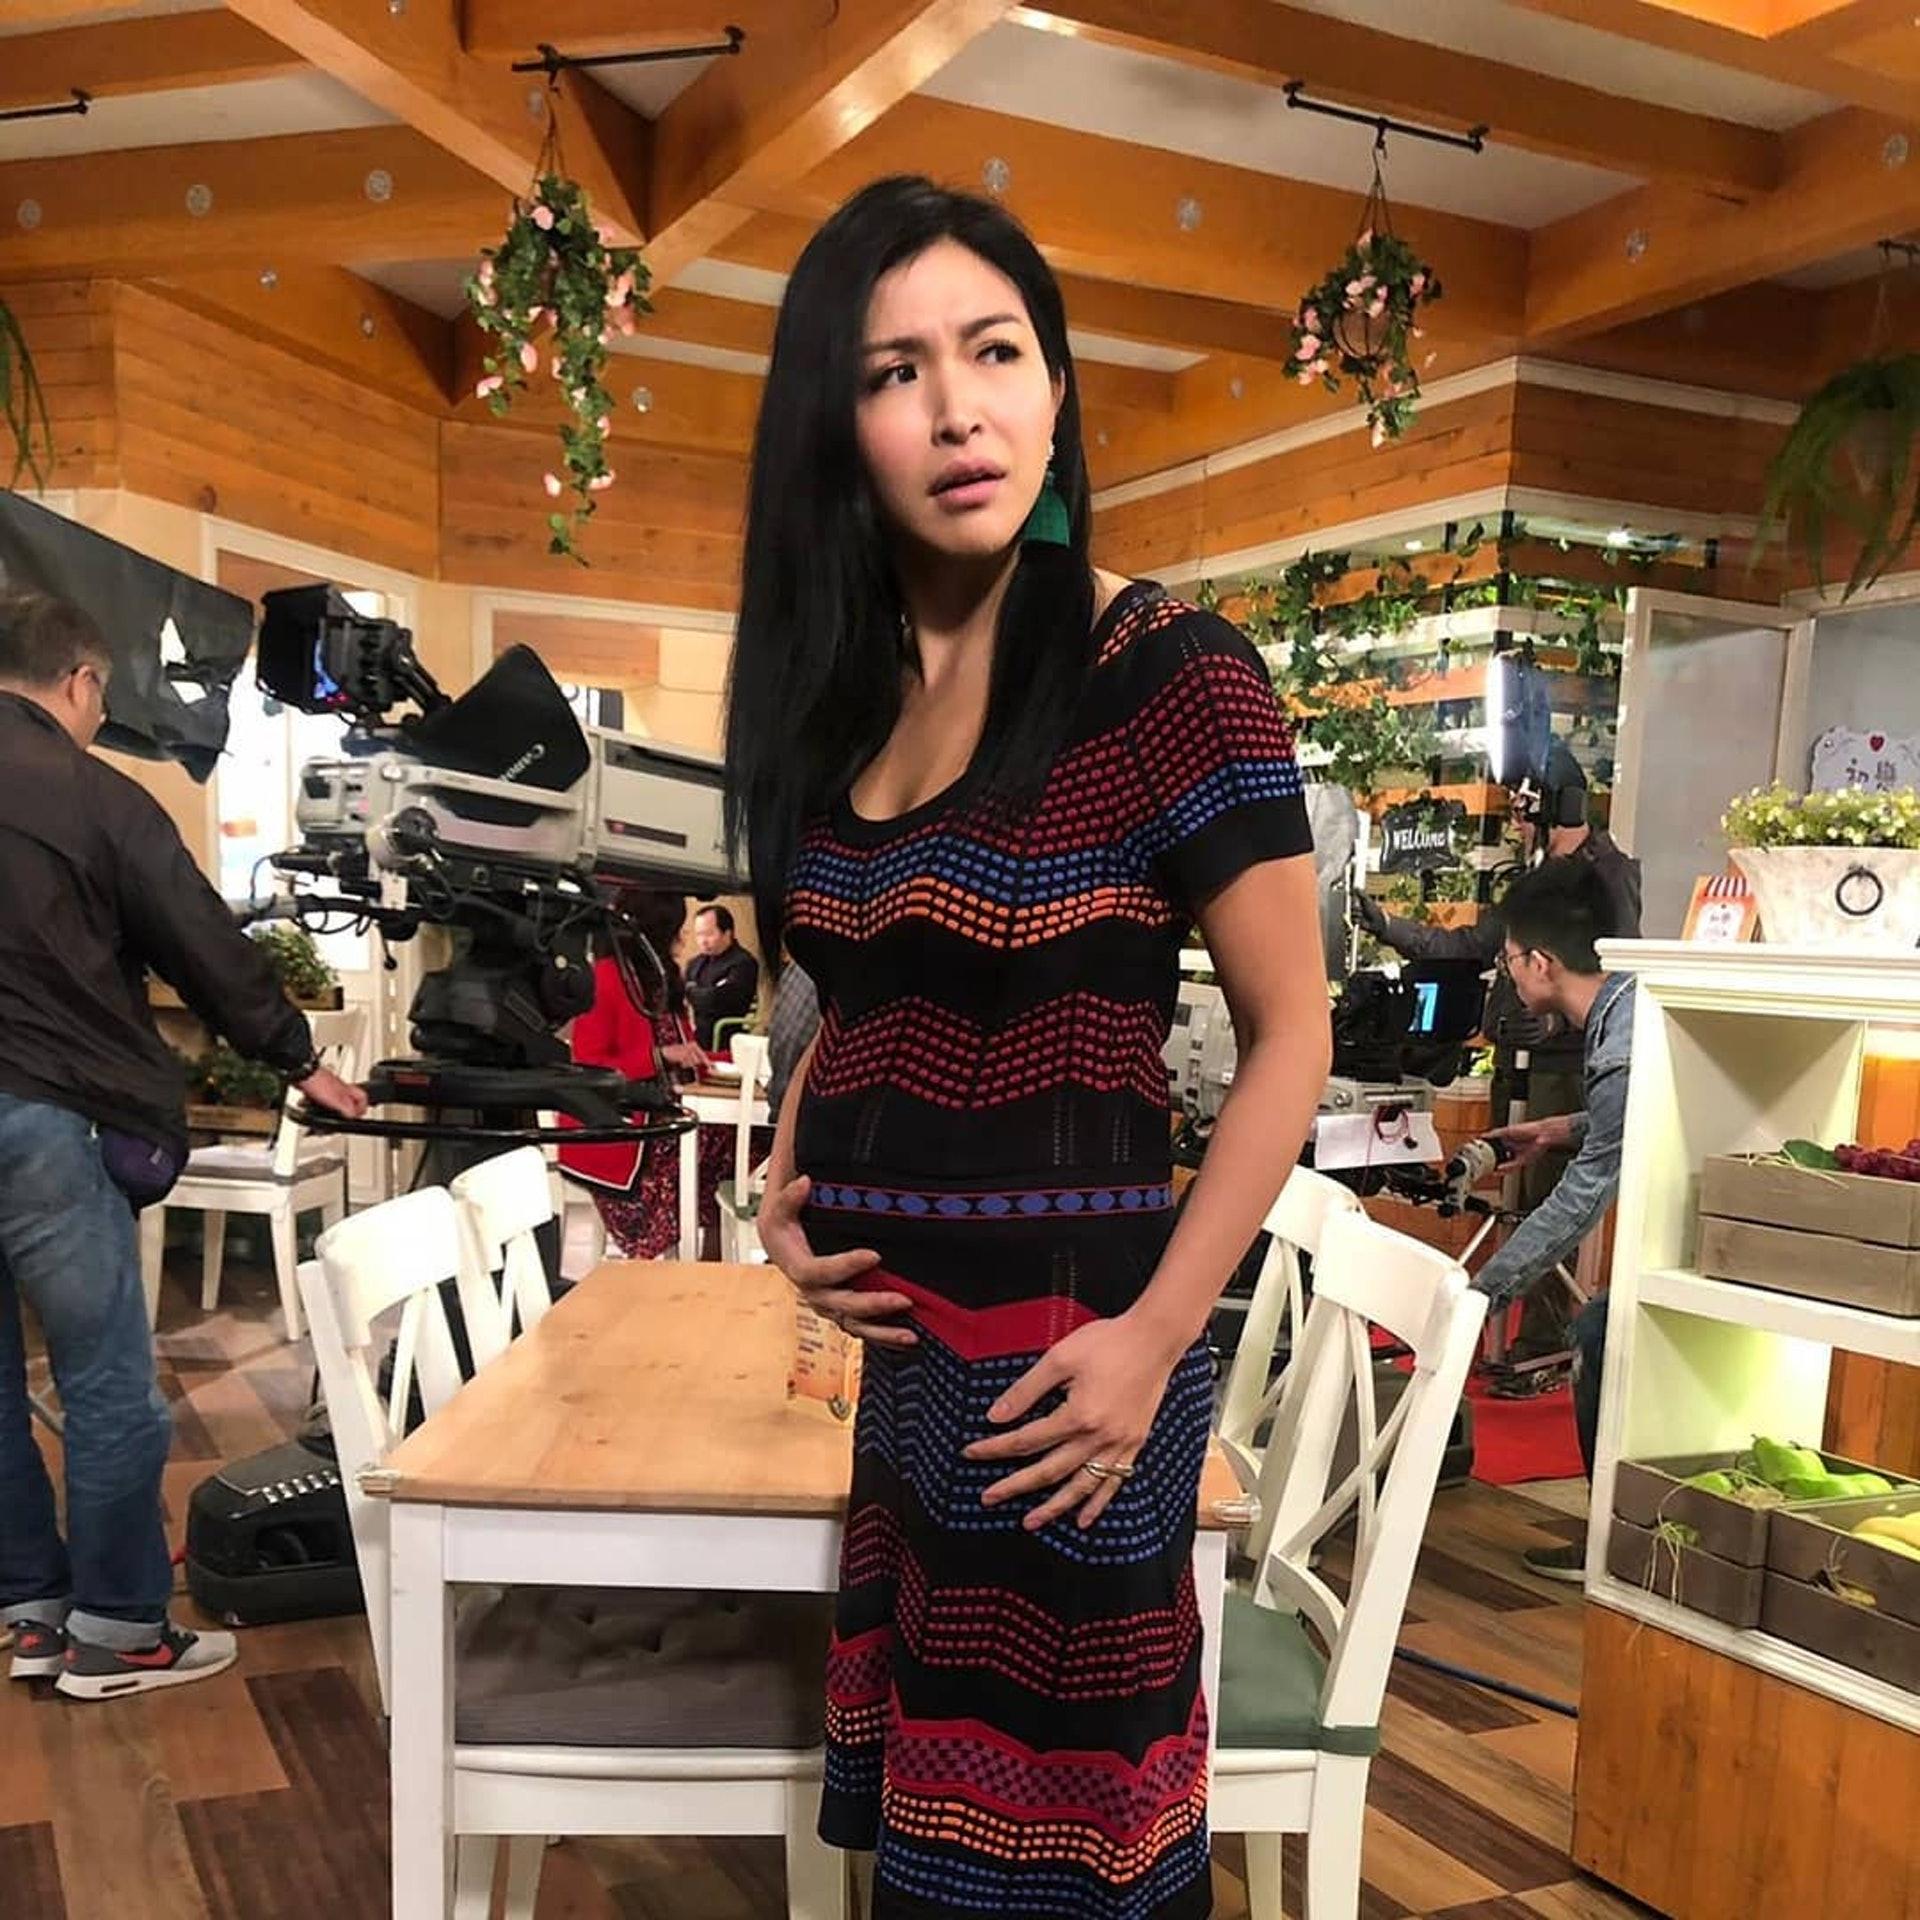 陳偉琪在《愛·回家之開心速遞》中飾演「細龍太」雷珍妮。(IG圖片 / vthechan)